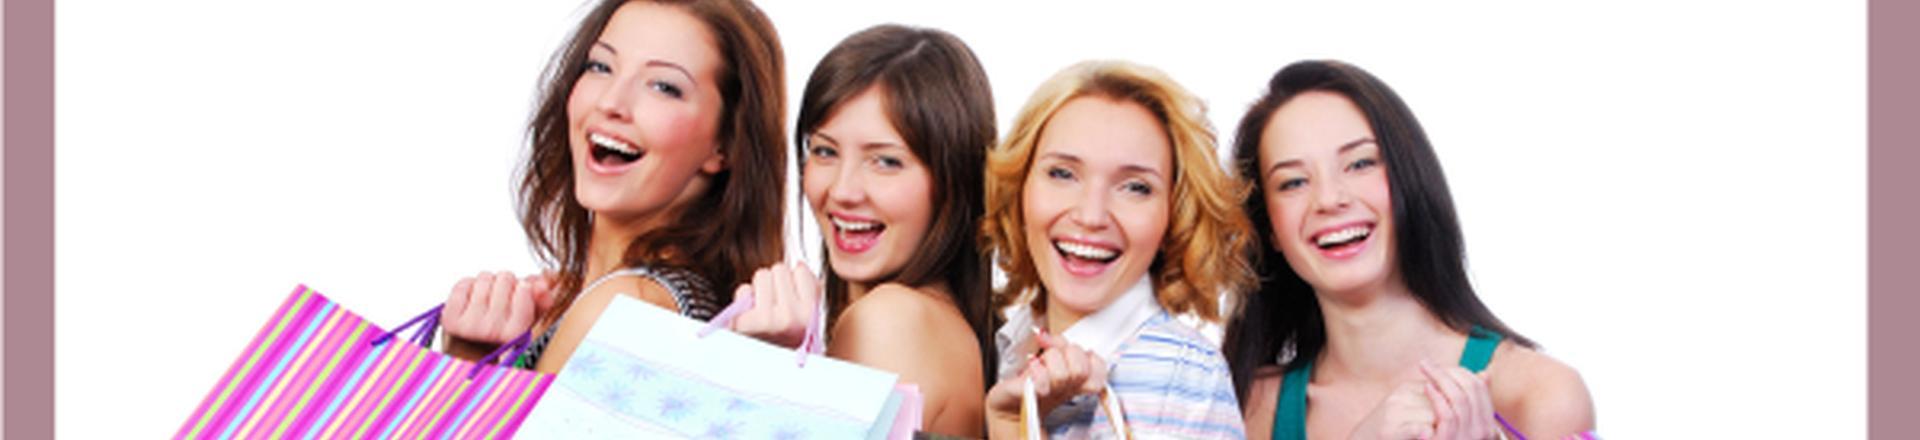 Sympozjum Marketing dla kobiet